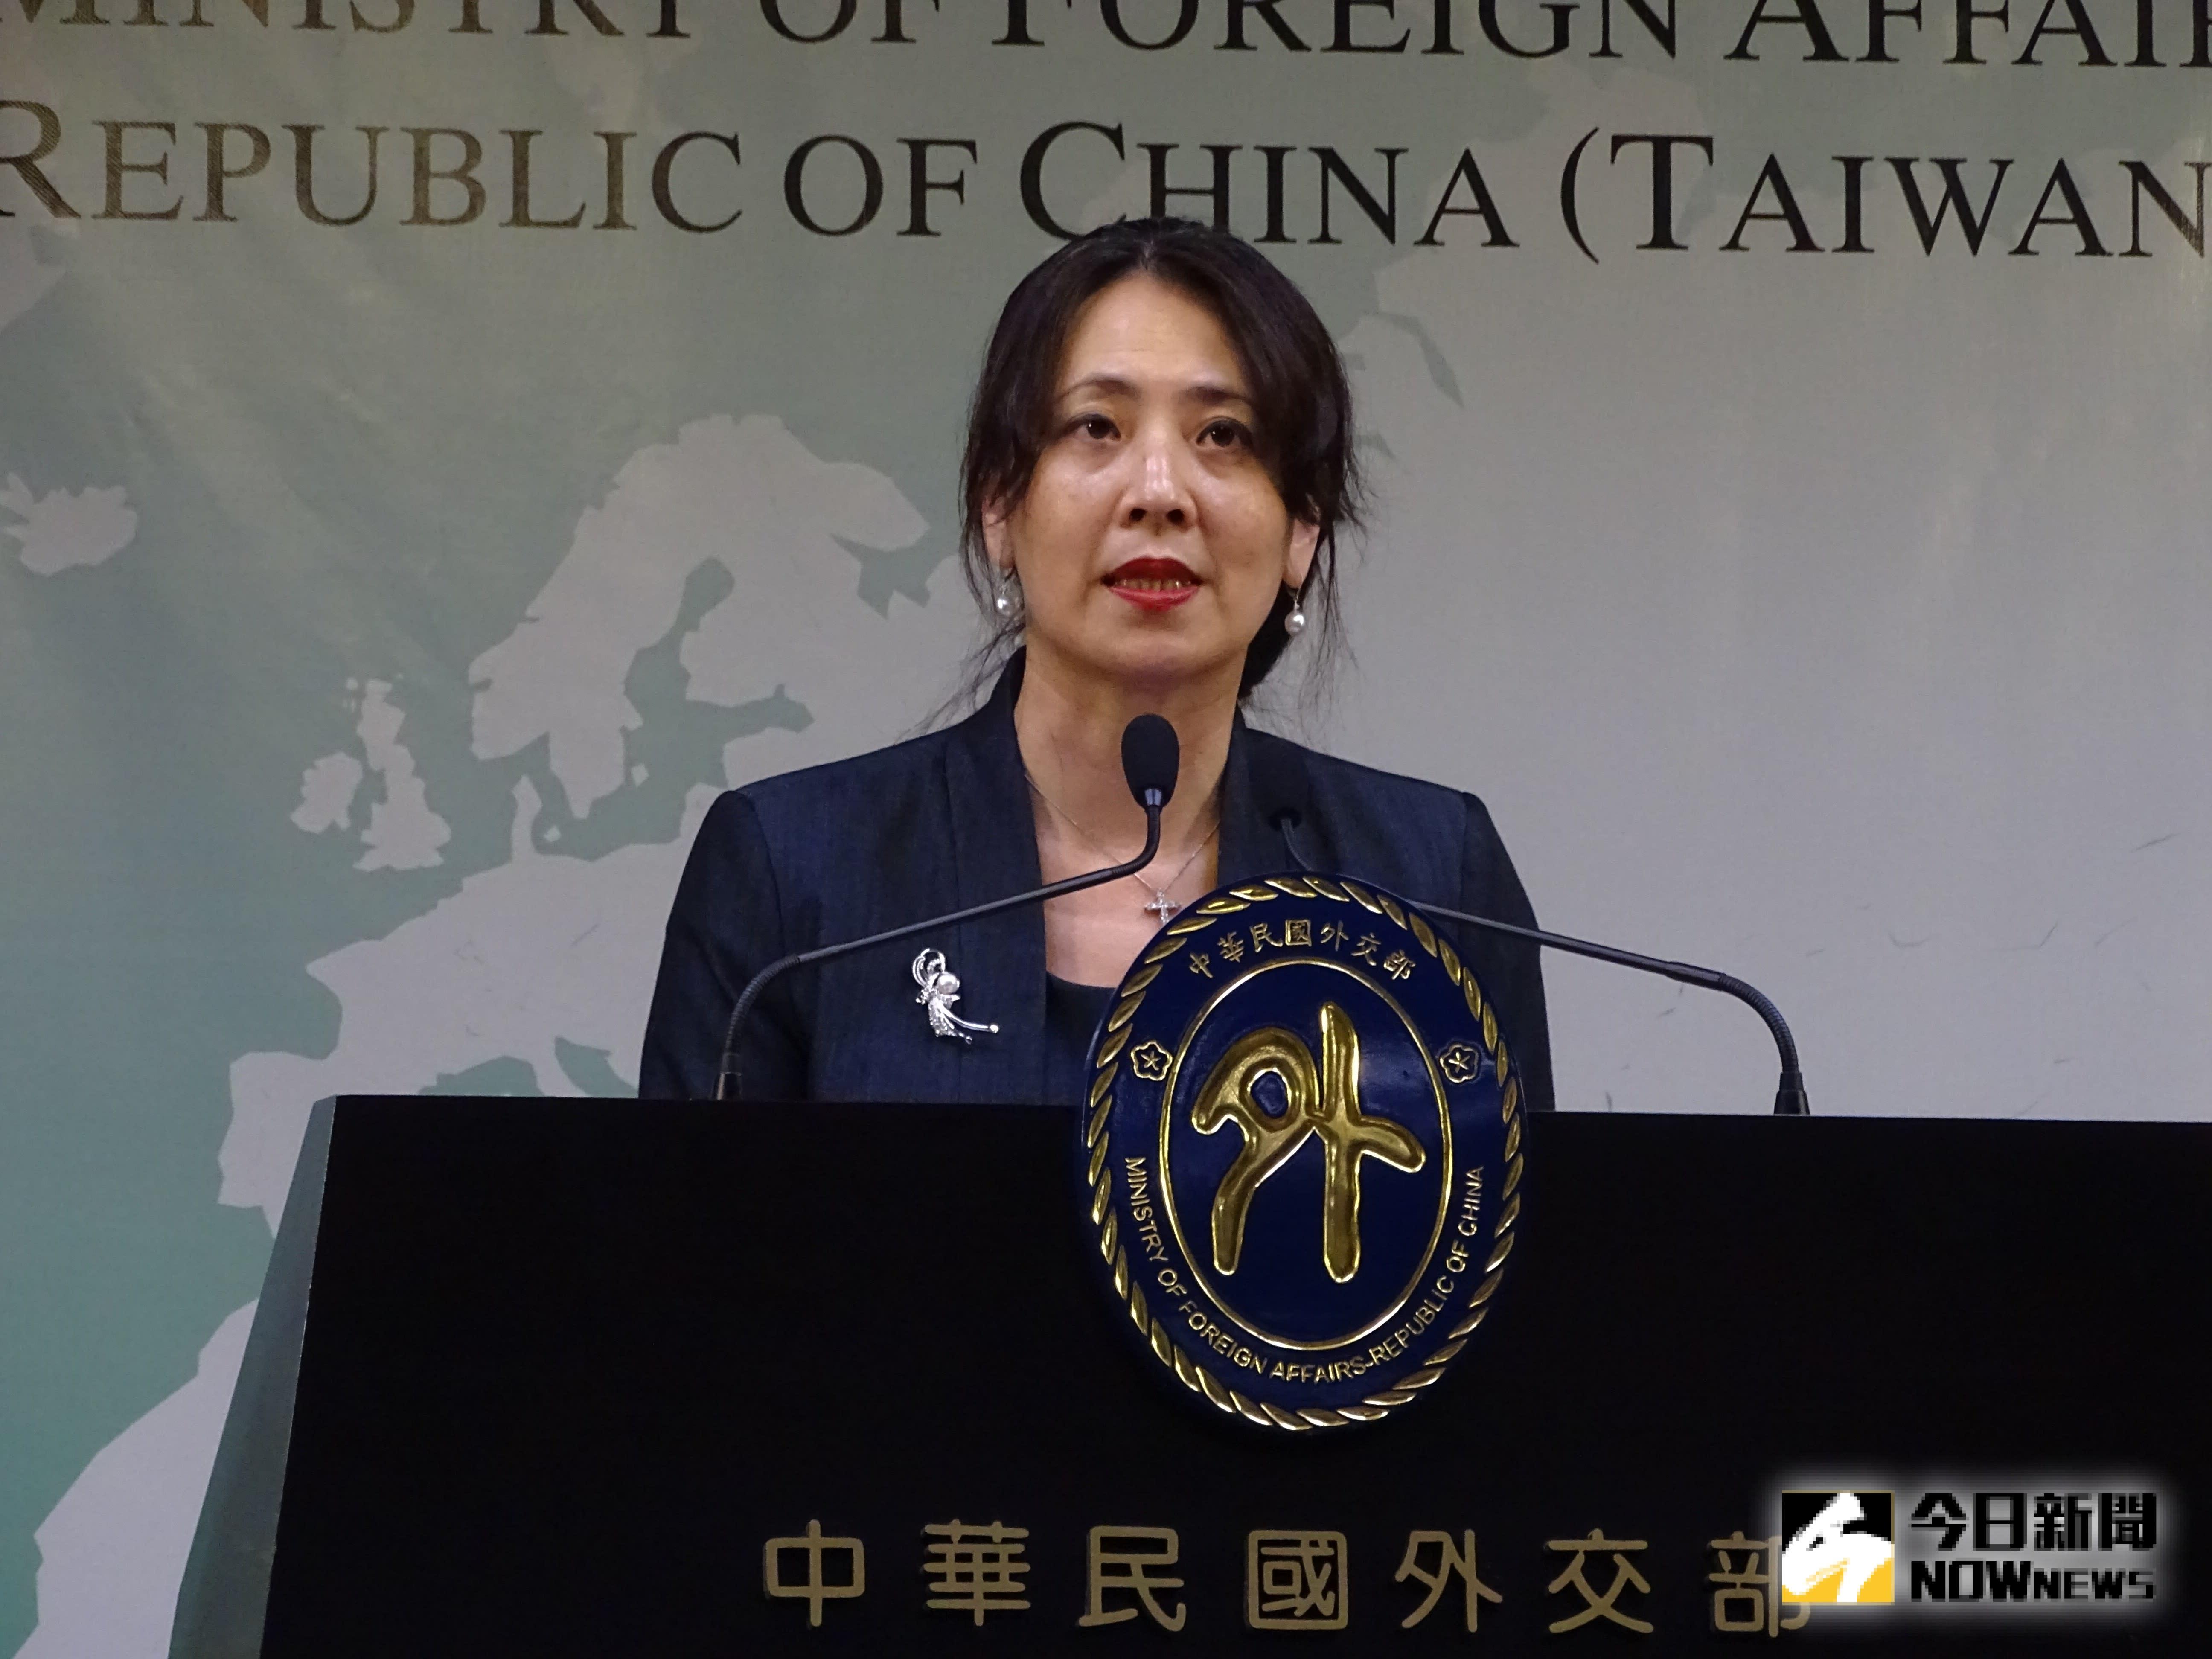 陸自居中央政府 外交部怒批政治操作